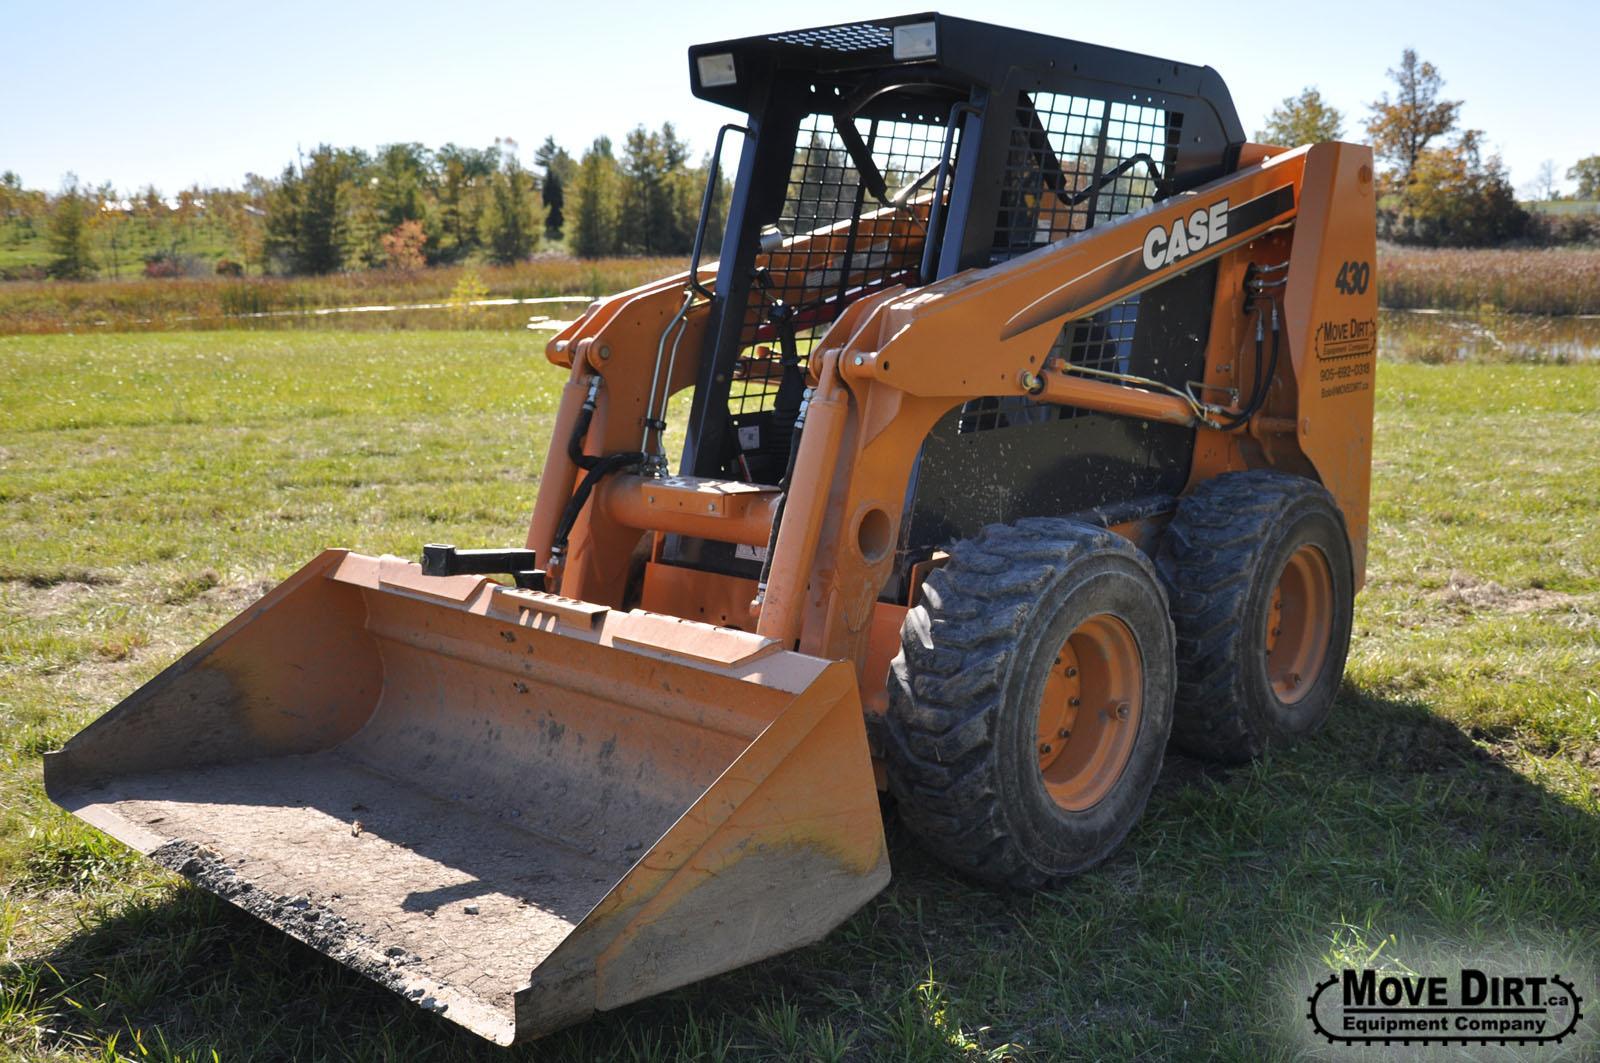 Steer Case Skid : Case skid steer loaders